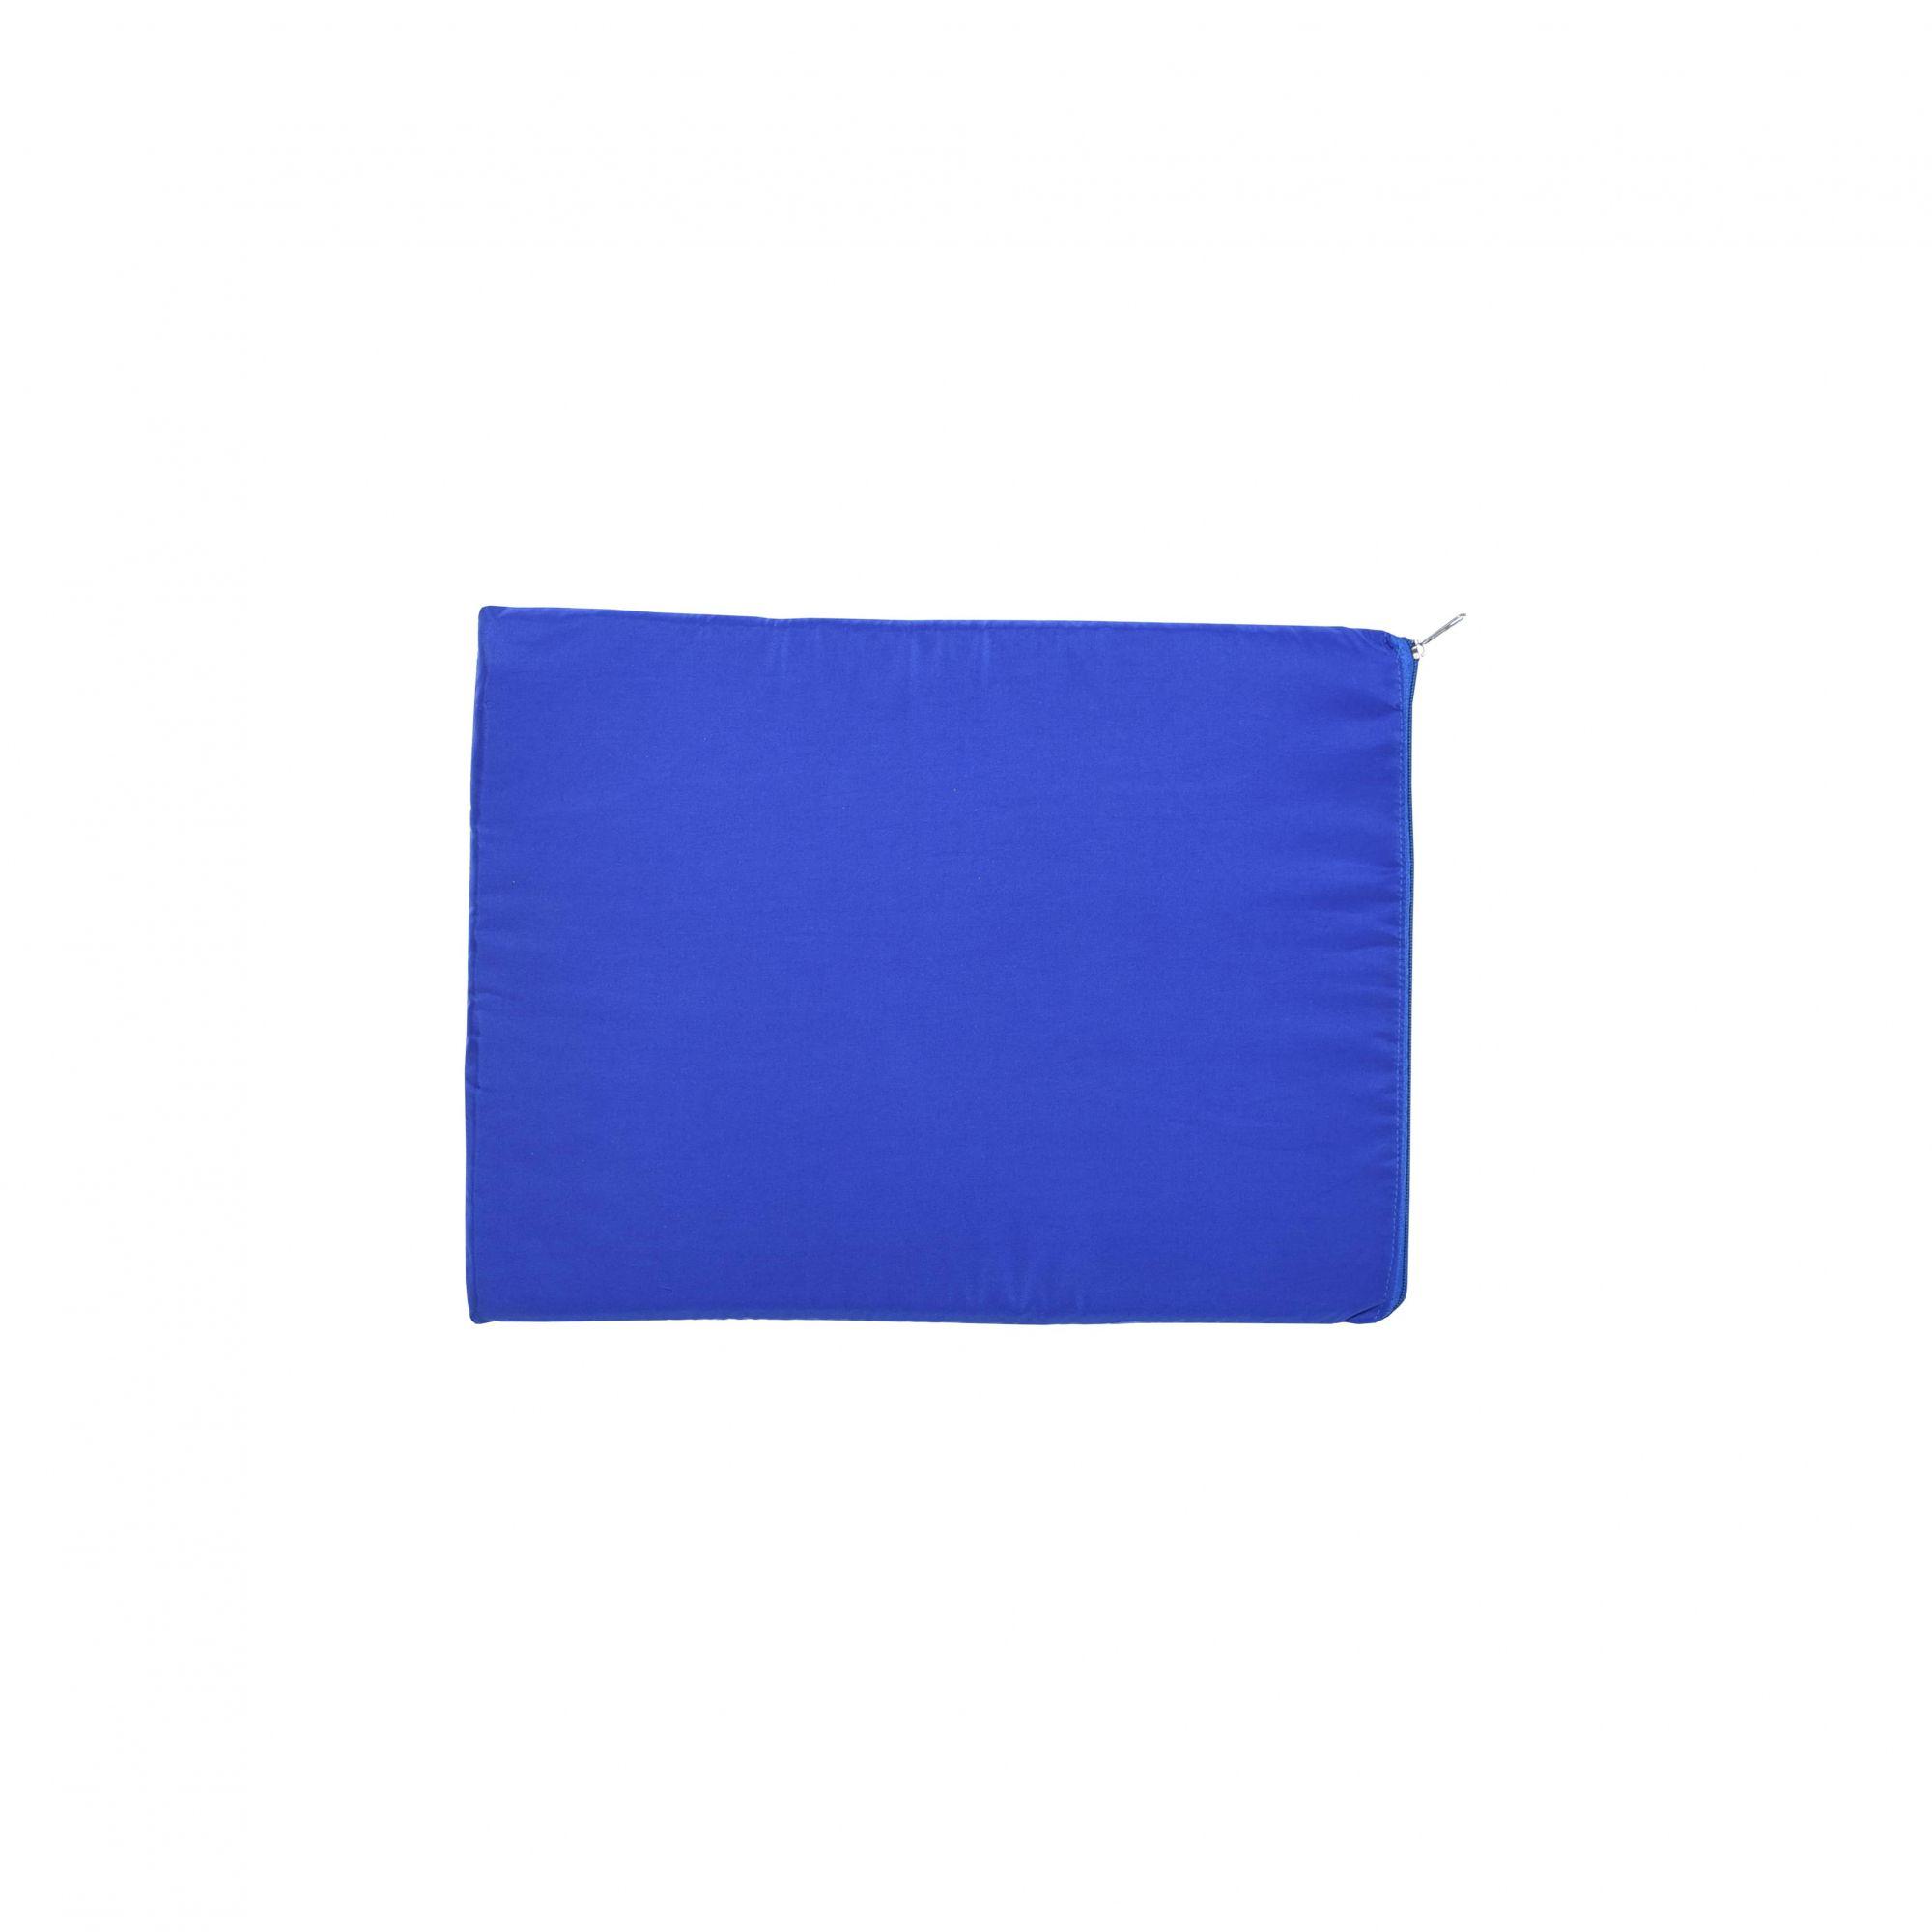 Kit Casinha Madeira 01 com Colchonete Azul e placa de nome